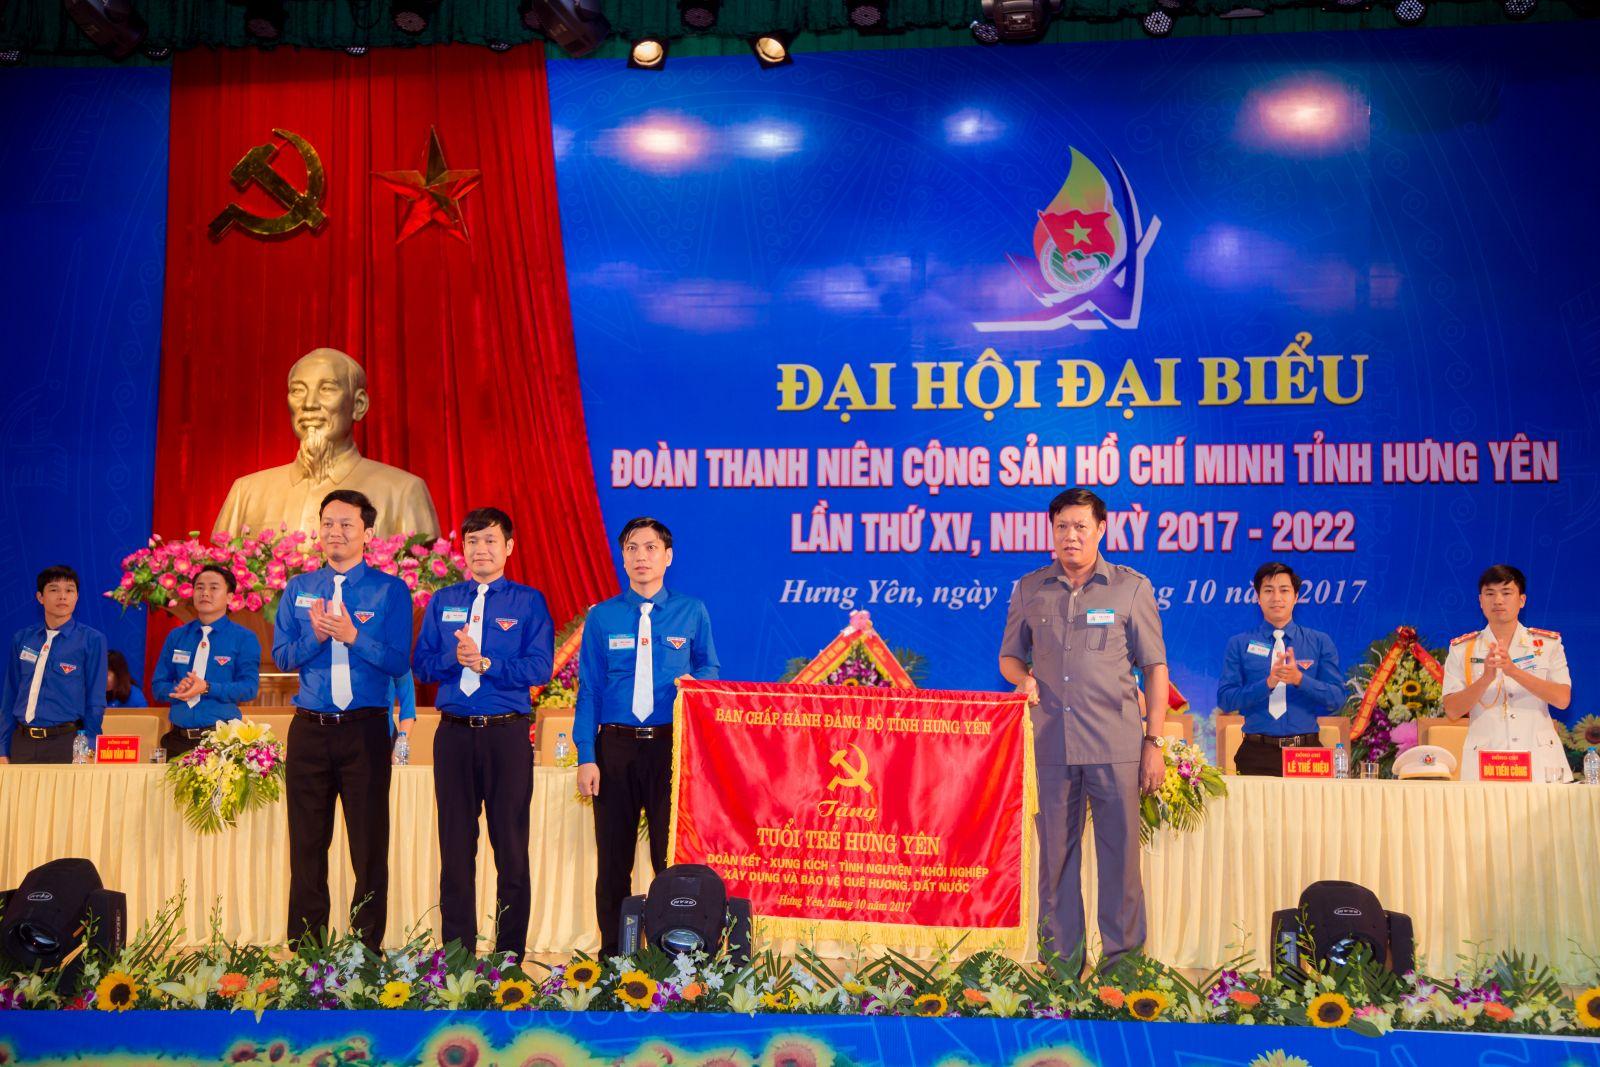 Tư tưởng Hồ Chí Minh về giáo dục đạo đức cách mạng cho thanh niên